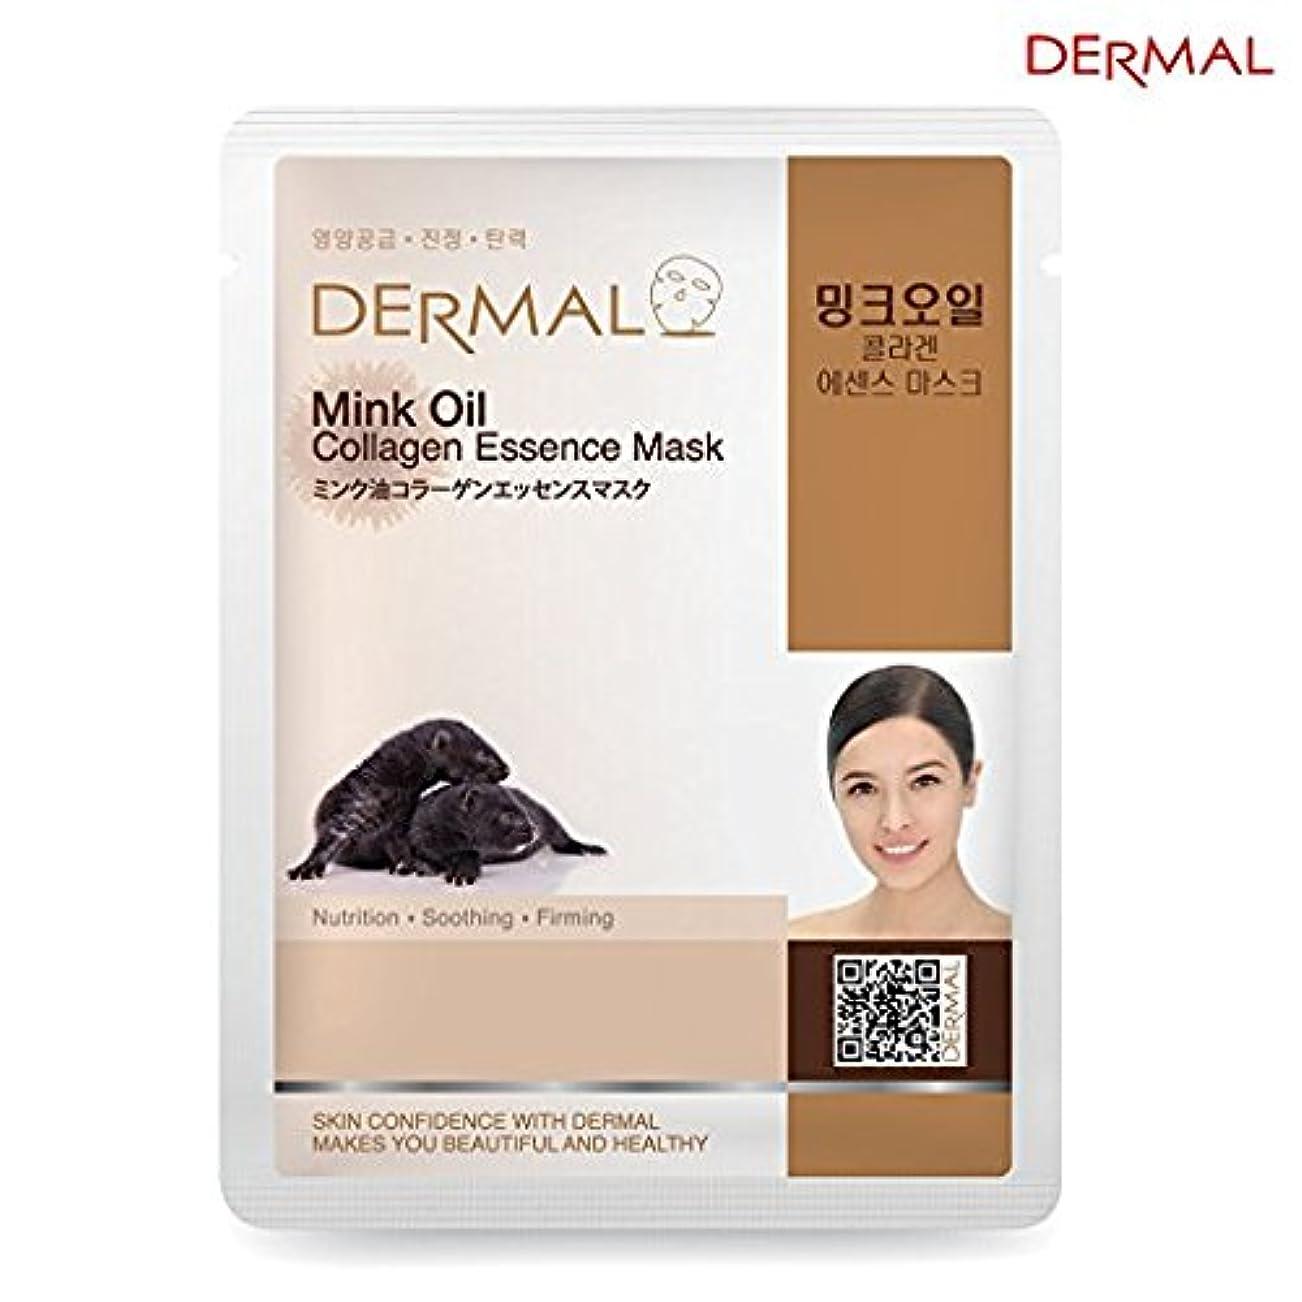 線本当のことを言うとイヤホンシート マスク ミンク油エキス ダーマル Dermal 23g (10枚セット) 韓国コスメ コラーゲンエッセンスマスク フェイス パック